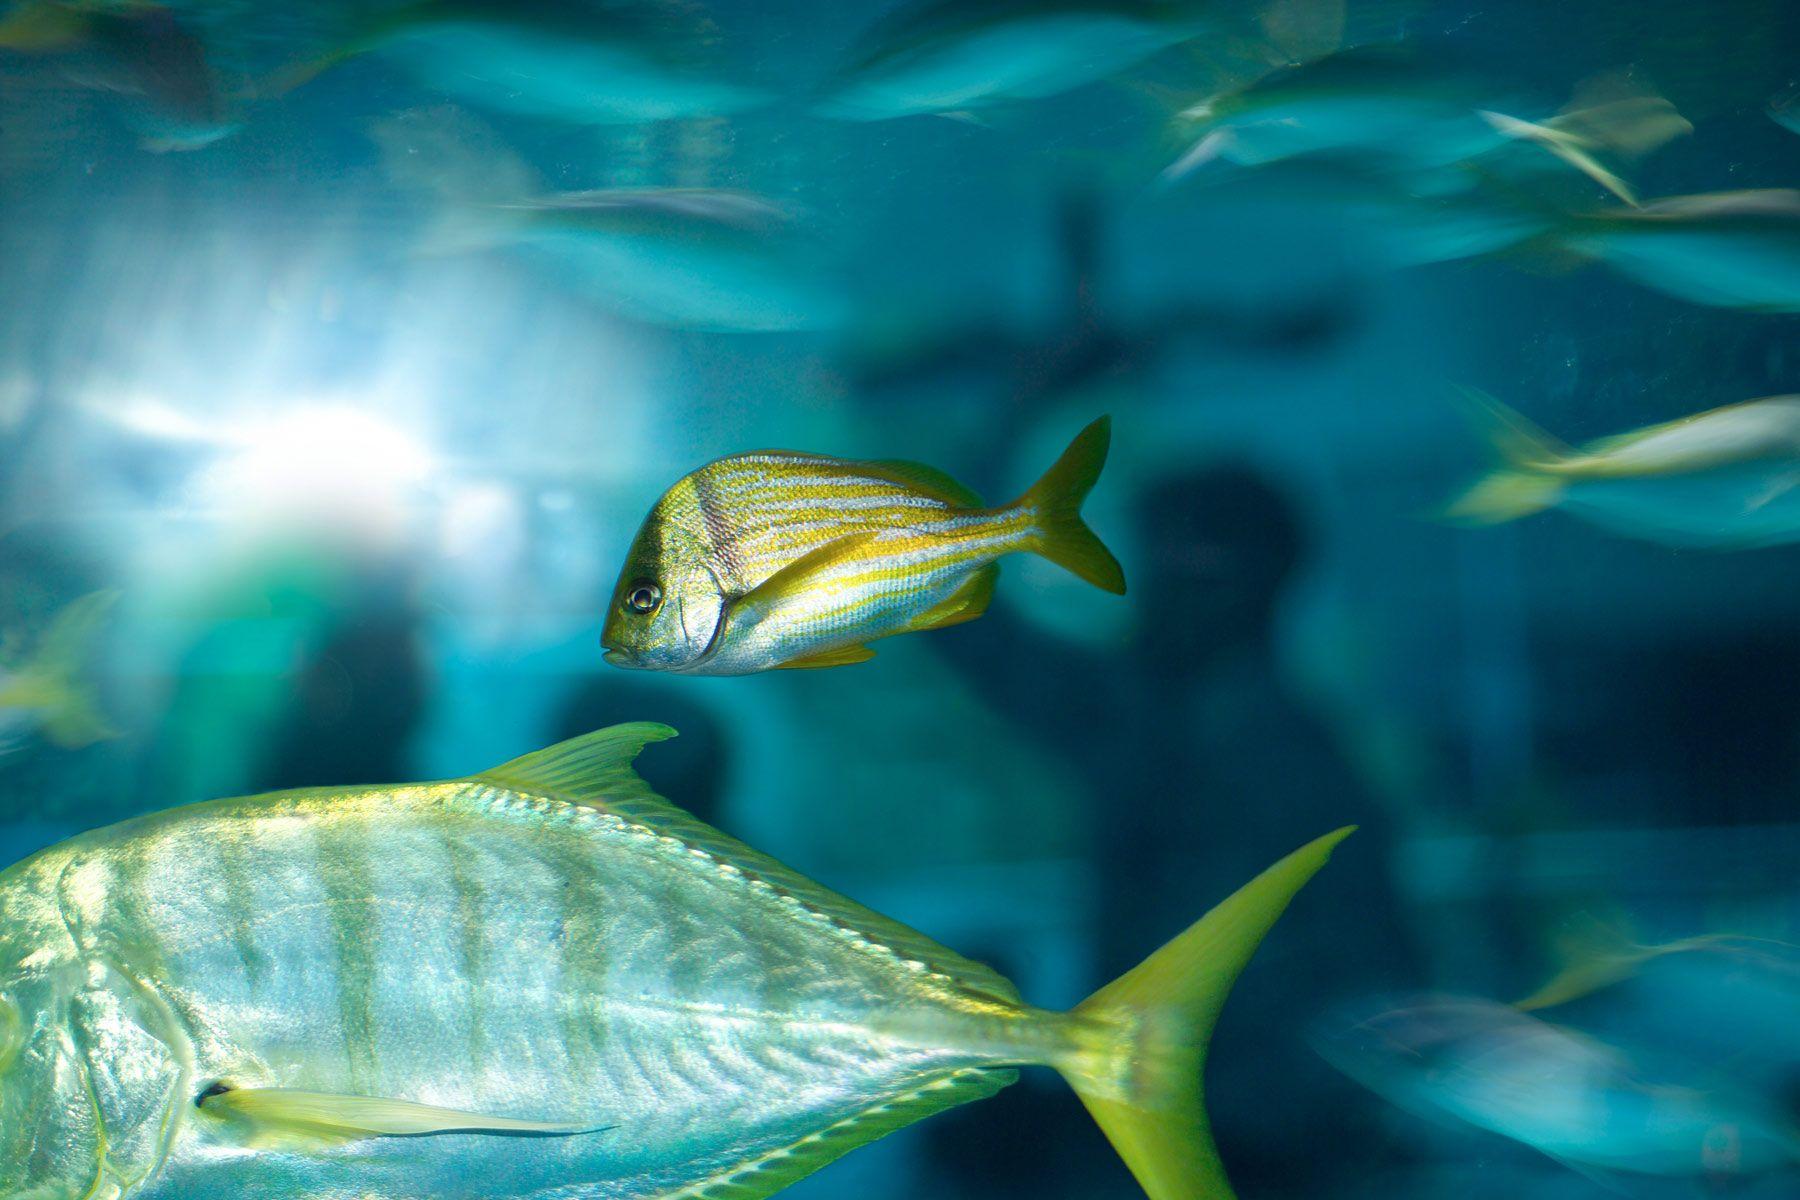 Aquarium-Resturant-server-and-fish.jpg